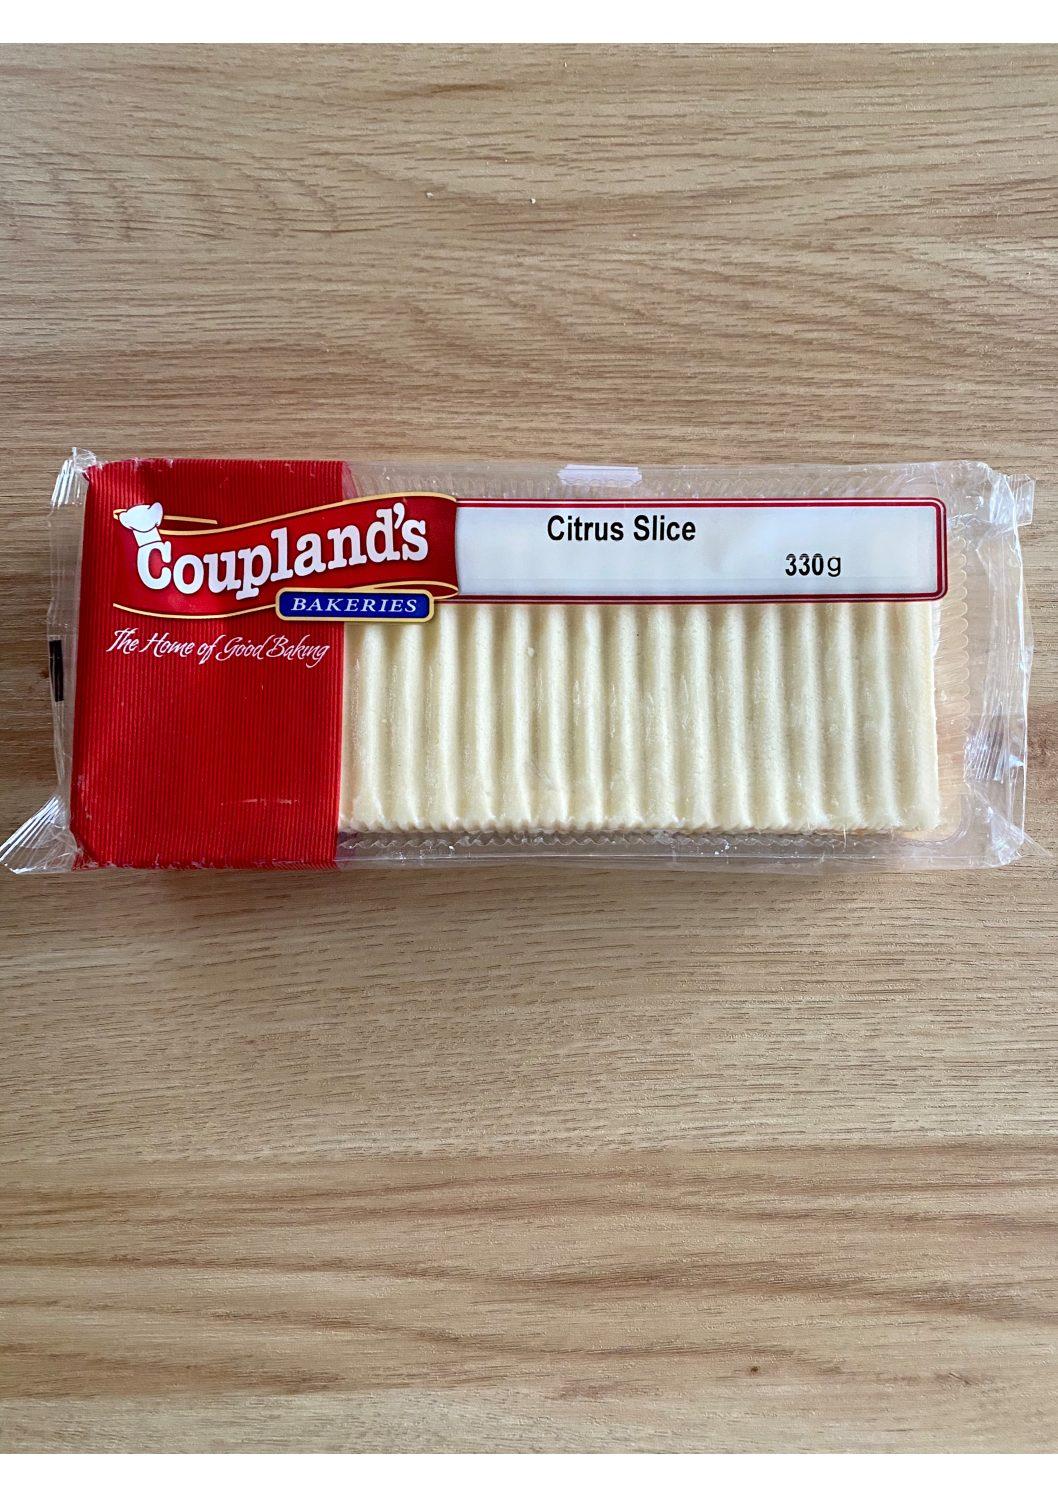 Couplands Citrus Slice 330g